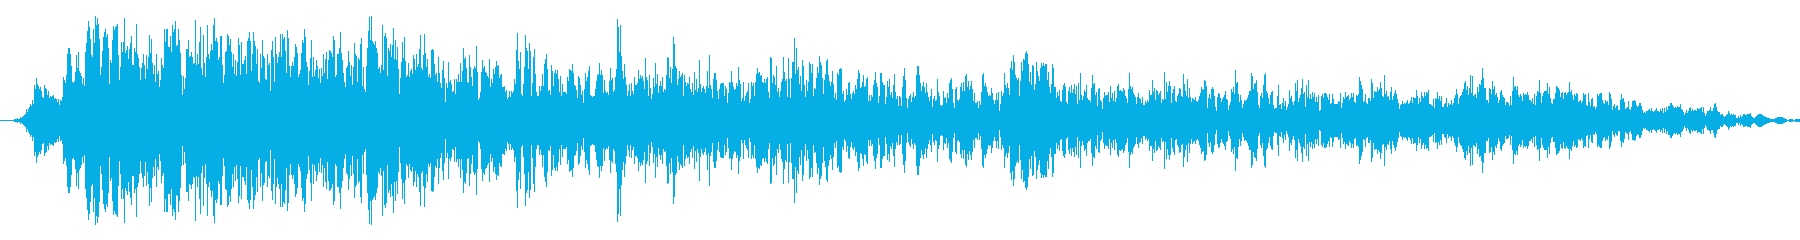 モンスター:ゾンビのうなる音の再生済みの波形